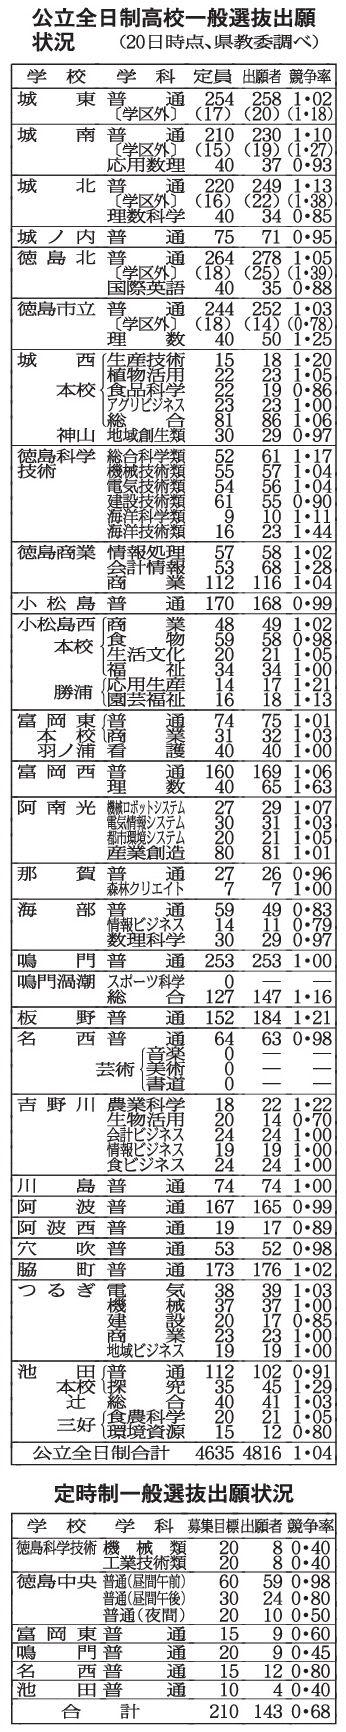 徳島県内公立高一般選抜 全日制 181人定員超過 出願締め切り 平均競争倍率1.04倍